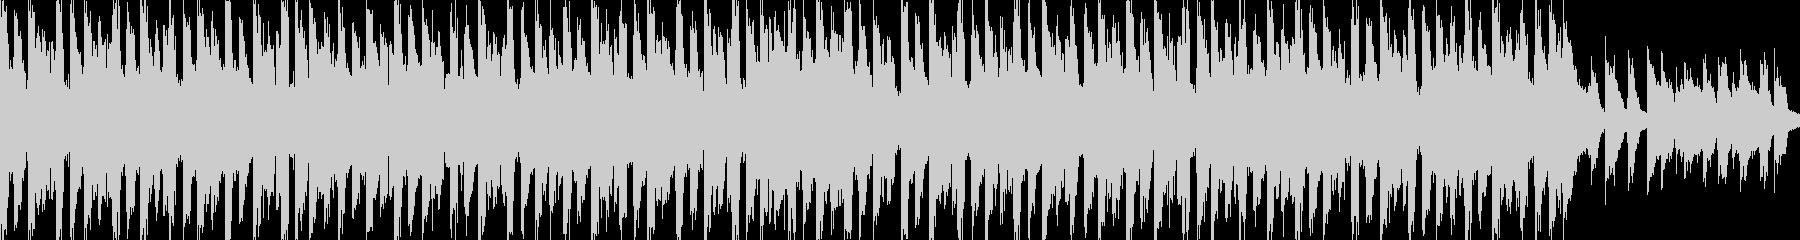 チャートポップ、R&B /ダンスク...の未再生の波形